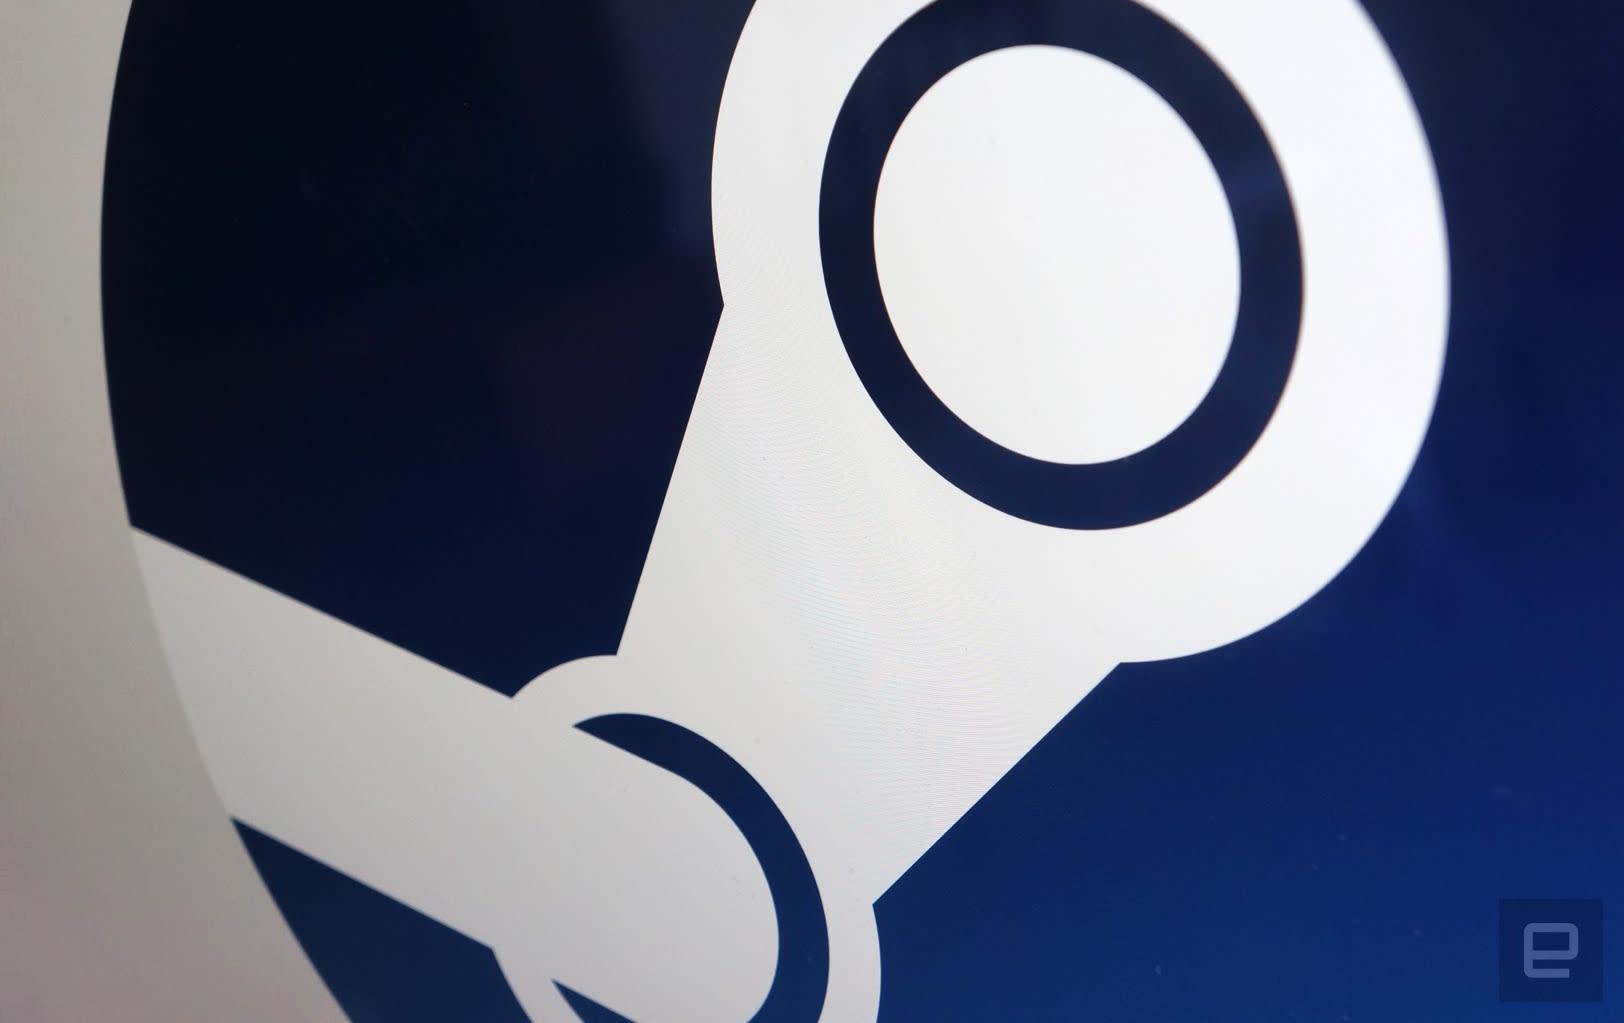 Steam güncellemesi, indirmeler ve depolama hakkında size daha fazla ayrıntı verir | Engadget